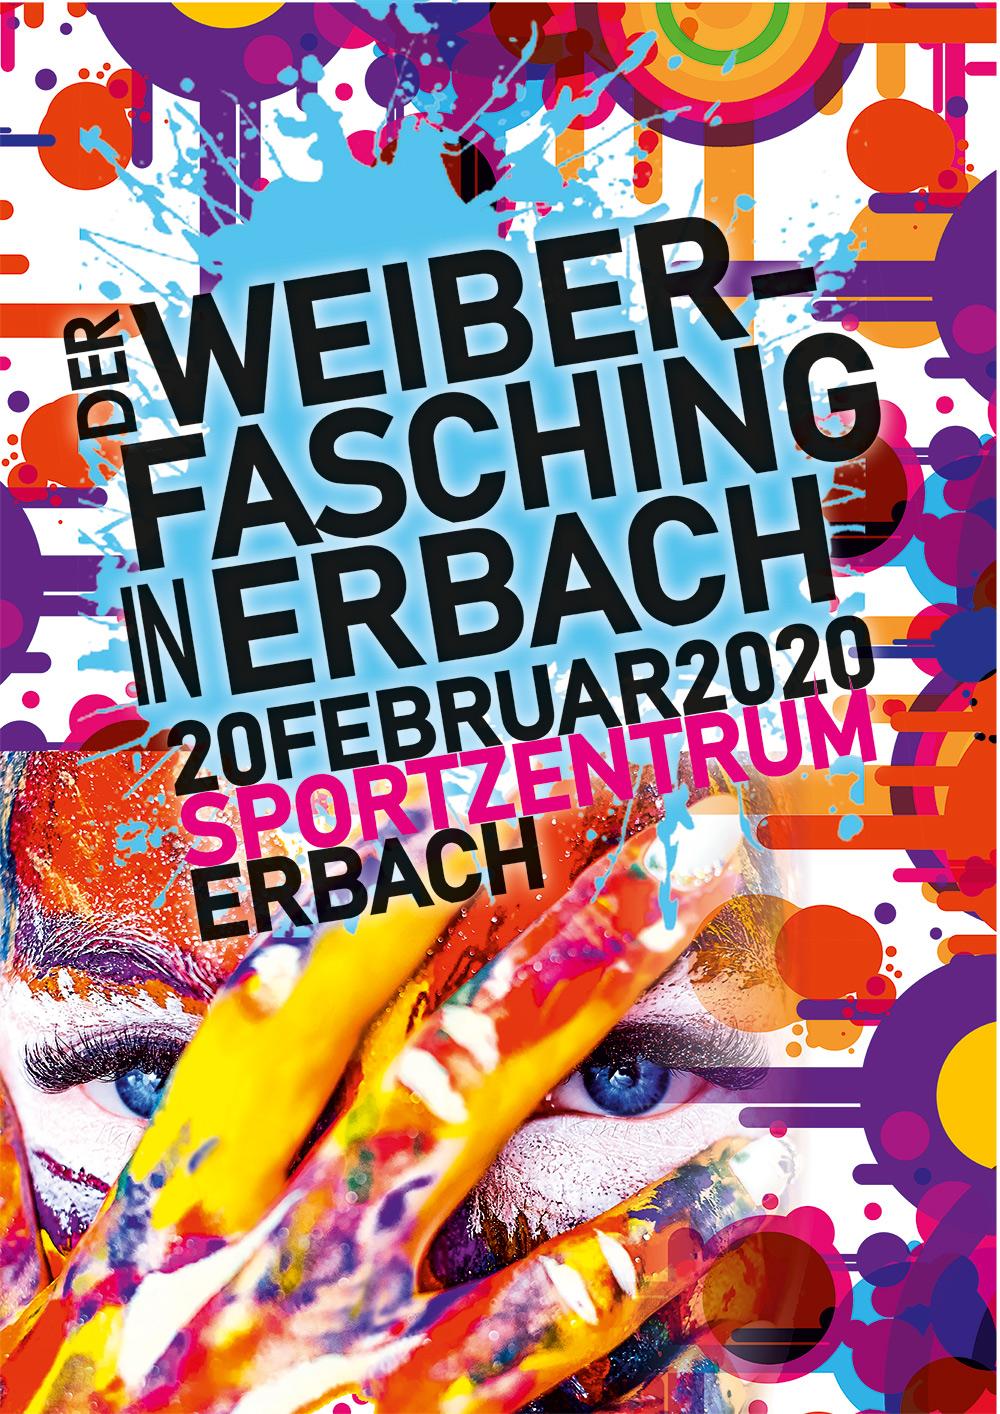 Weiberfasching 2020